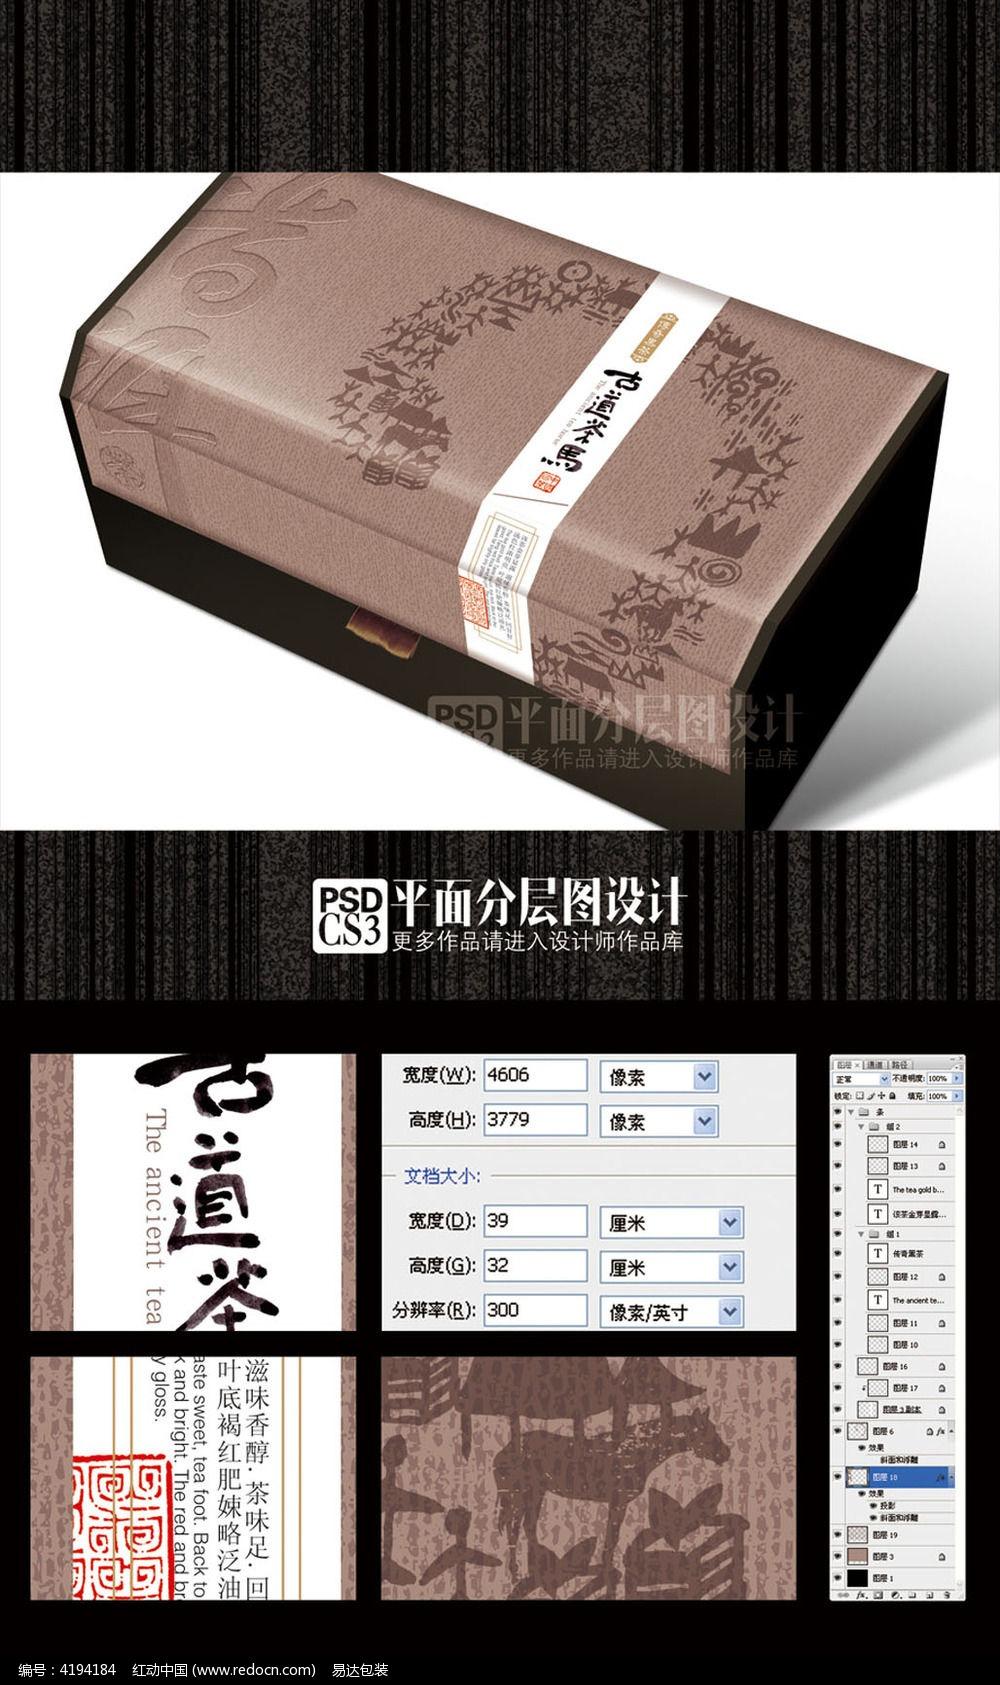 古道茶马普洱茶茶叶包装盒(平面分层图设计)